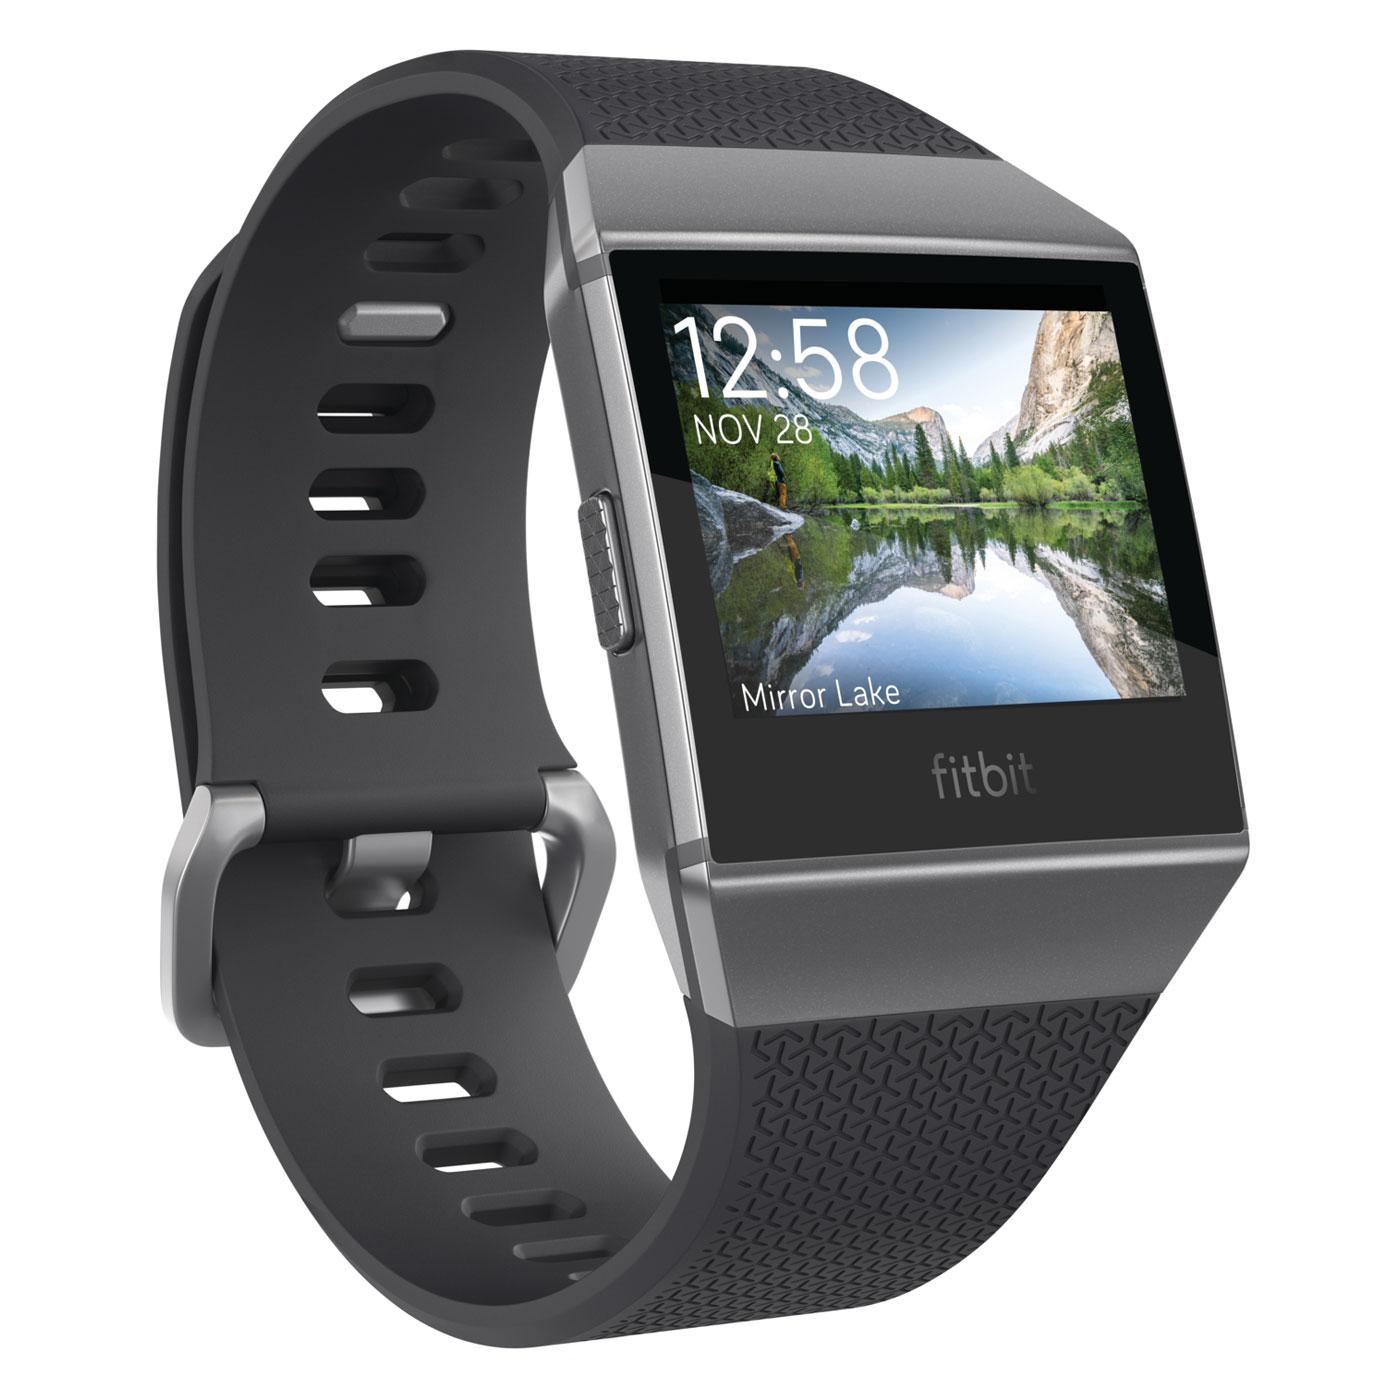 Bracelet connecté Fitbit Ionic Gris graphite Montre-coach connectée sans fil Bluetooth, étanche, paiement sans contact NFC, GPS et cardio-fréquencemètre pour smartphone iOS / Android / Windows